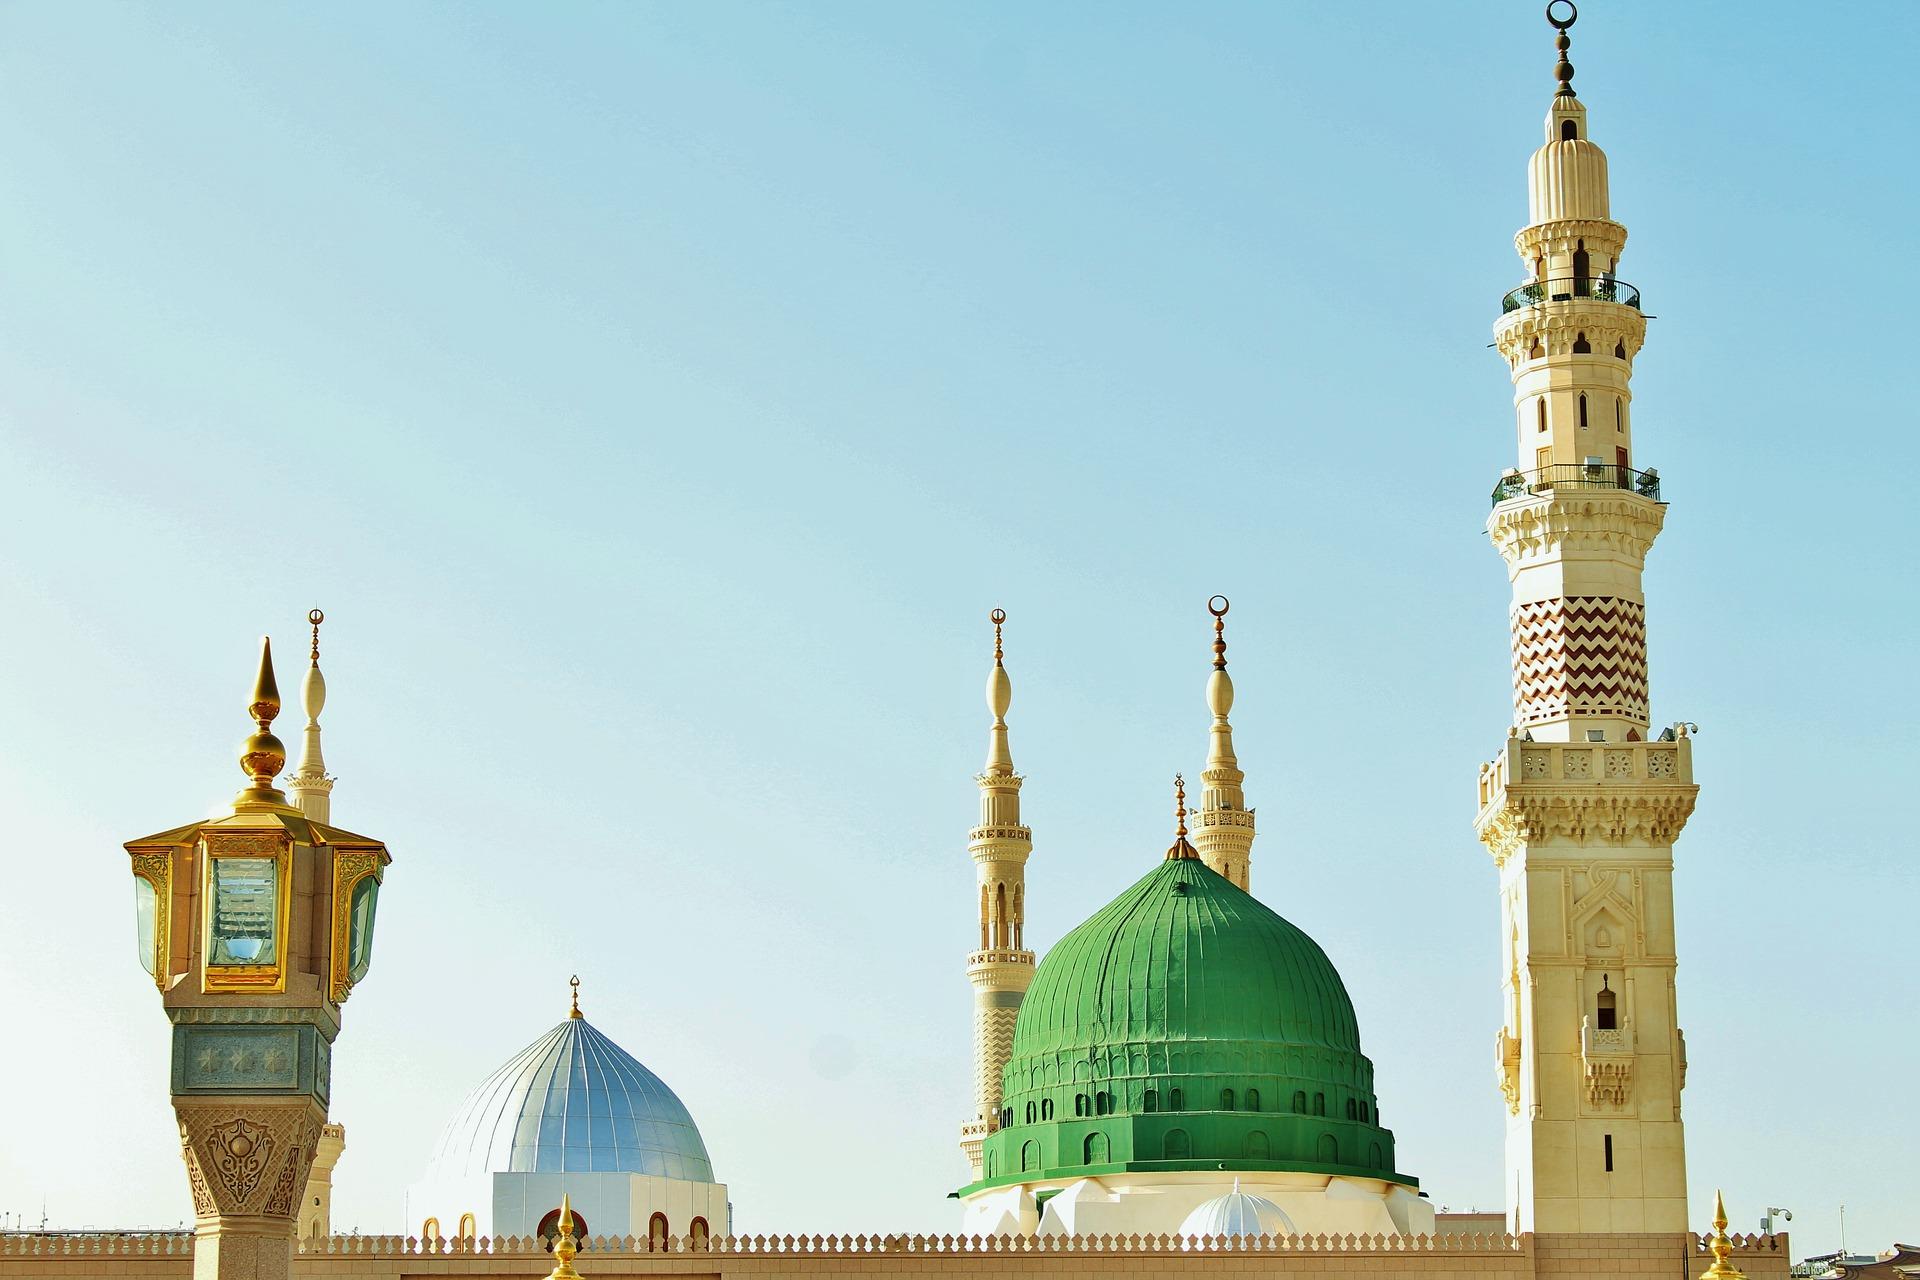 Masjid-Nabwi-Madina-Saudi-Arabia